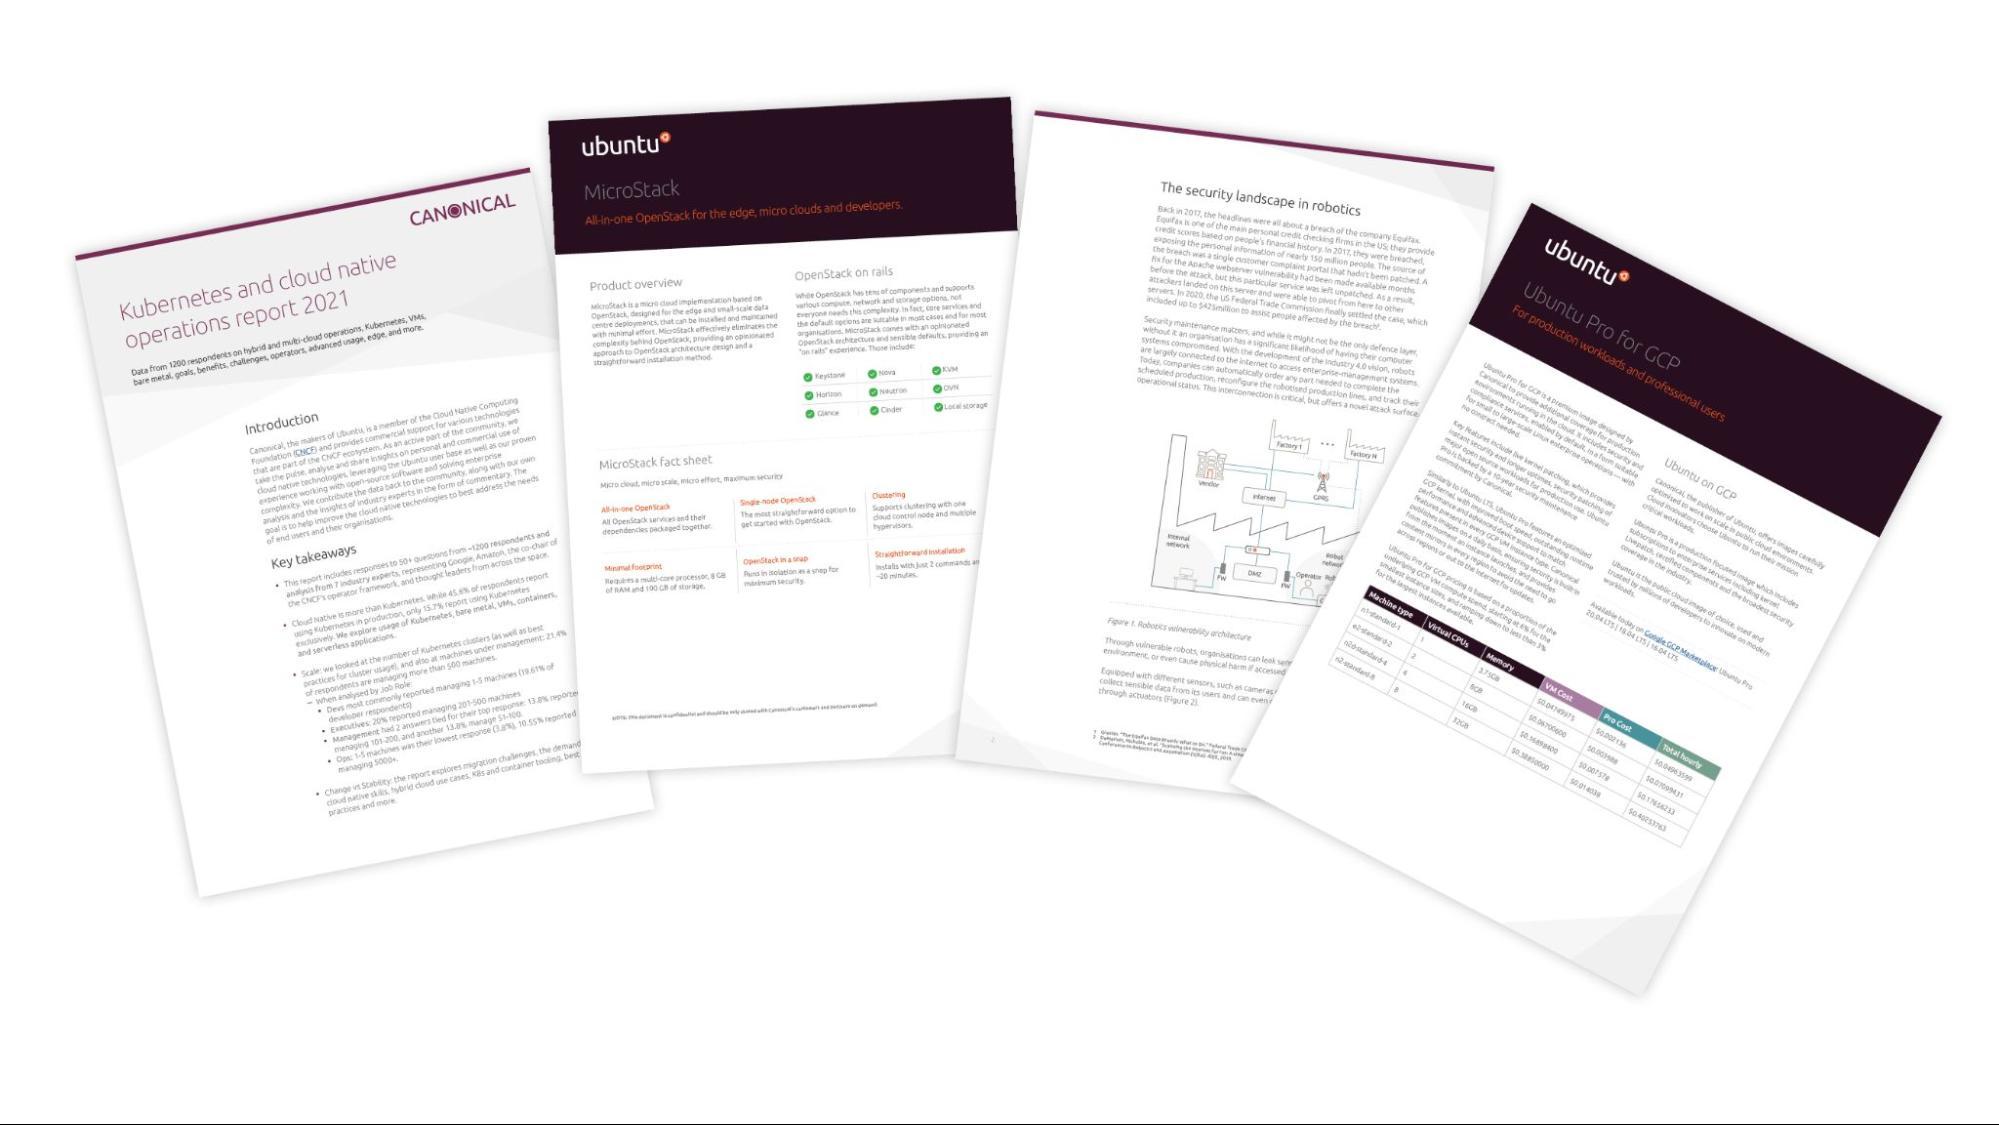 Resumen del equipo de diseño y web - 2 de julio de 2021